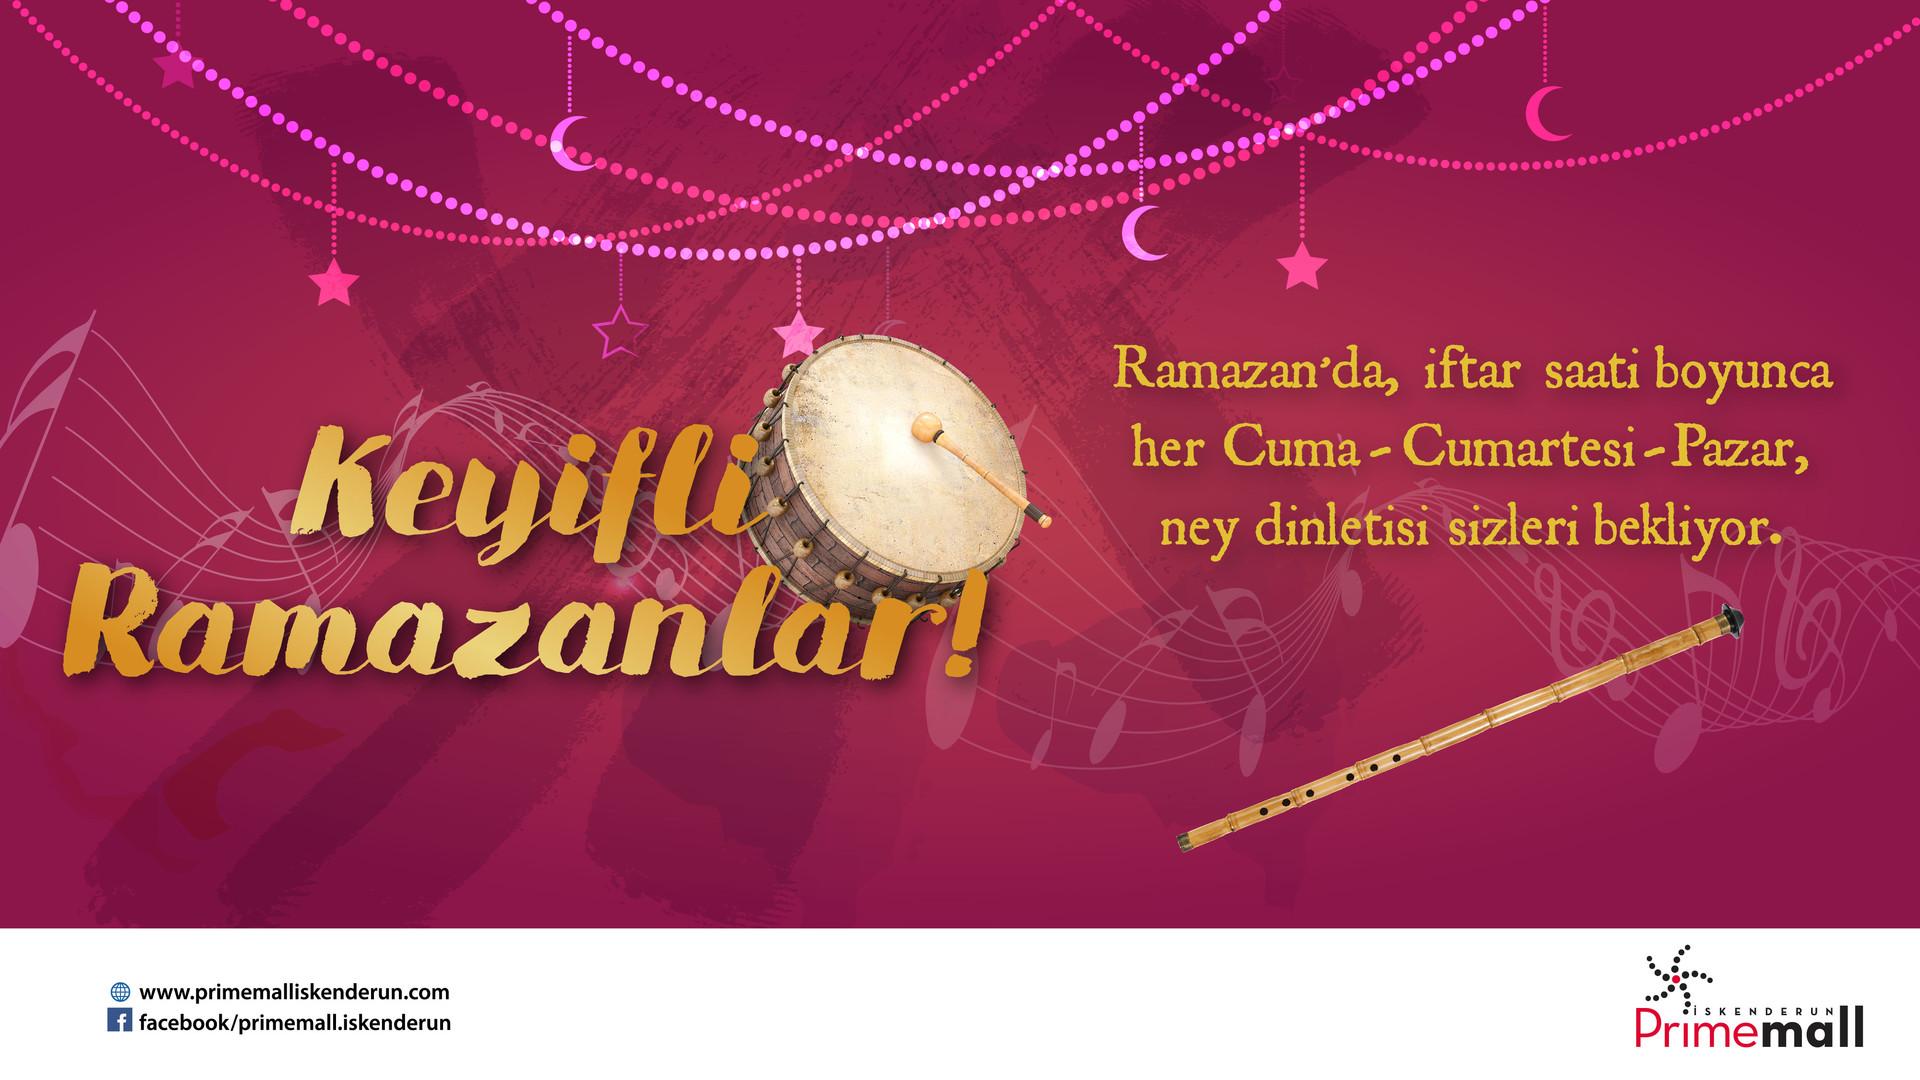 Keyifli Ramazanlar